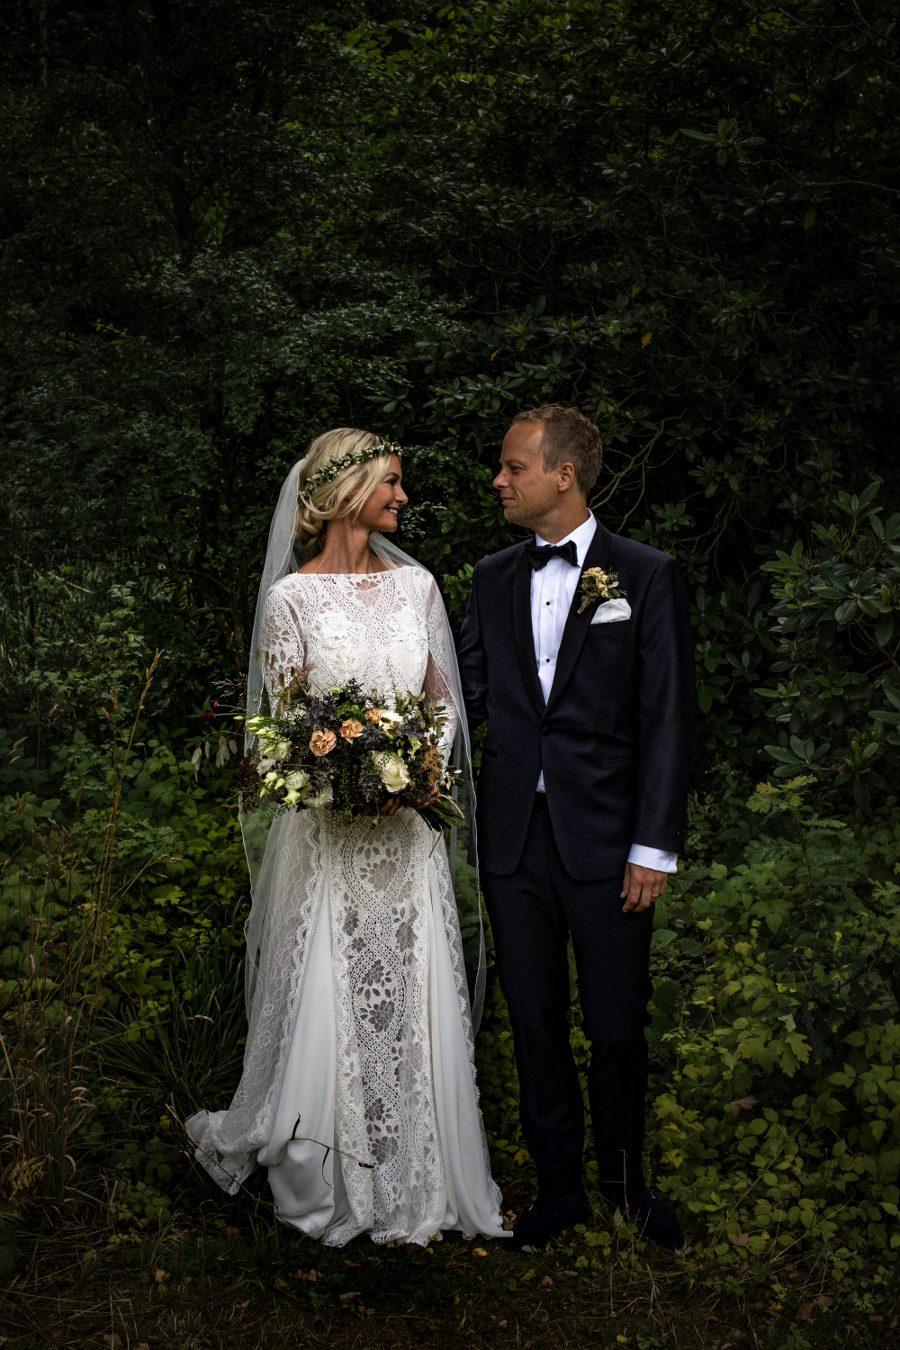 Bröllopsinspiration från förra sommaren